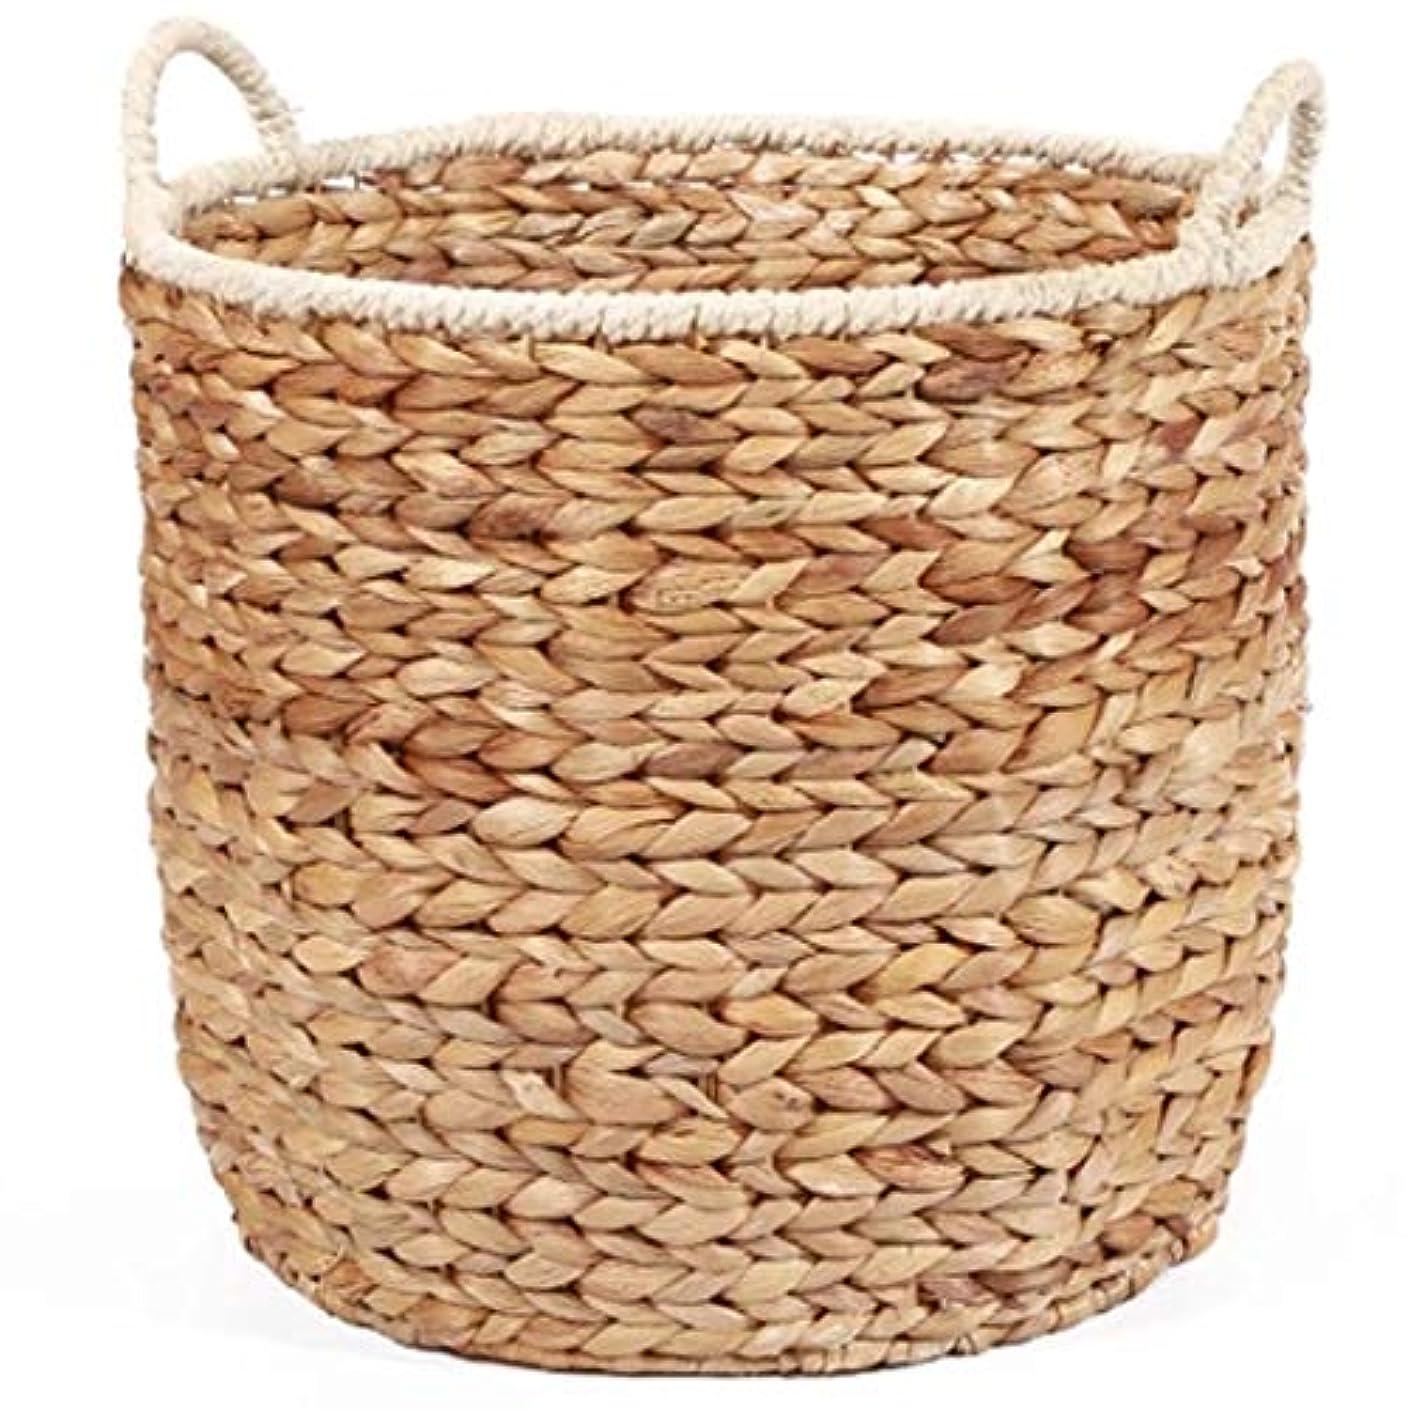 絶壁状態葉を拾うストローハンパー収納ボックスの雑貨の収納バケツのおもちゃの収納バスケットの収納バスケットの植物の花瓶、3つのサイズのオプション SMMRB (サイズ さいず : S s)